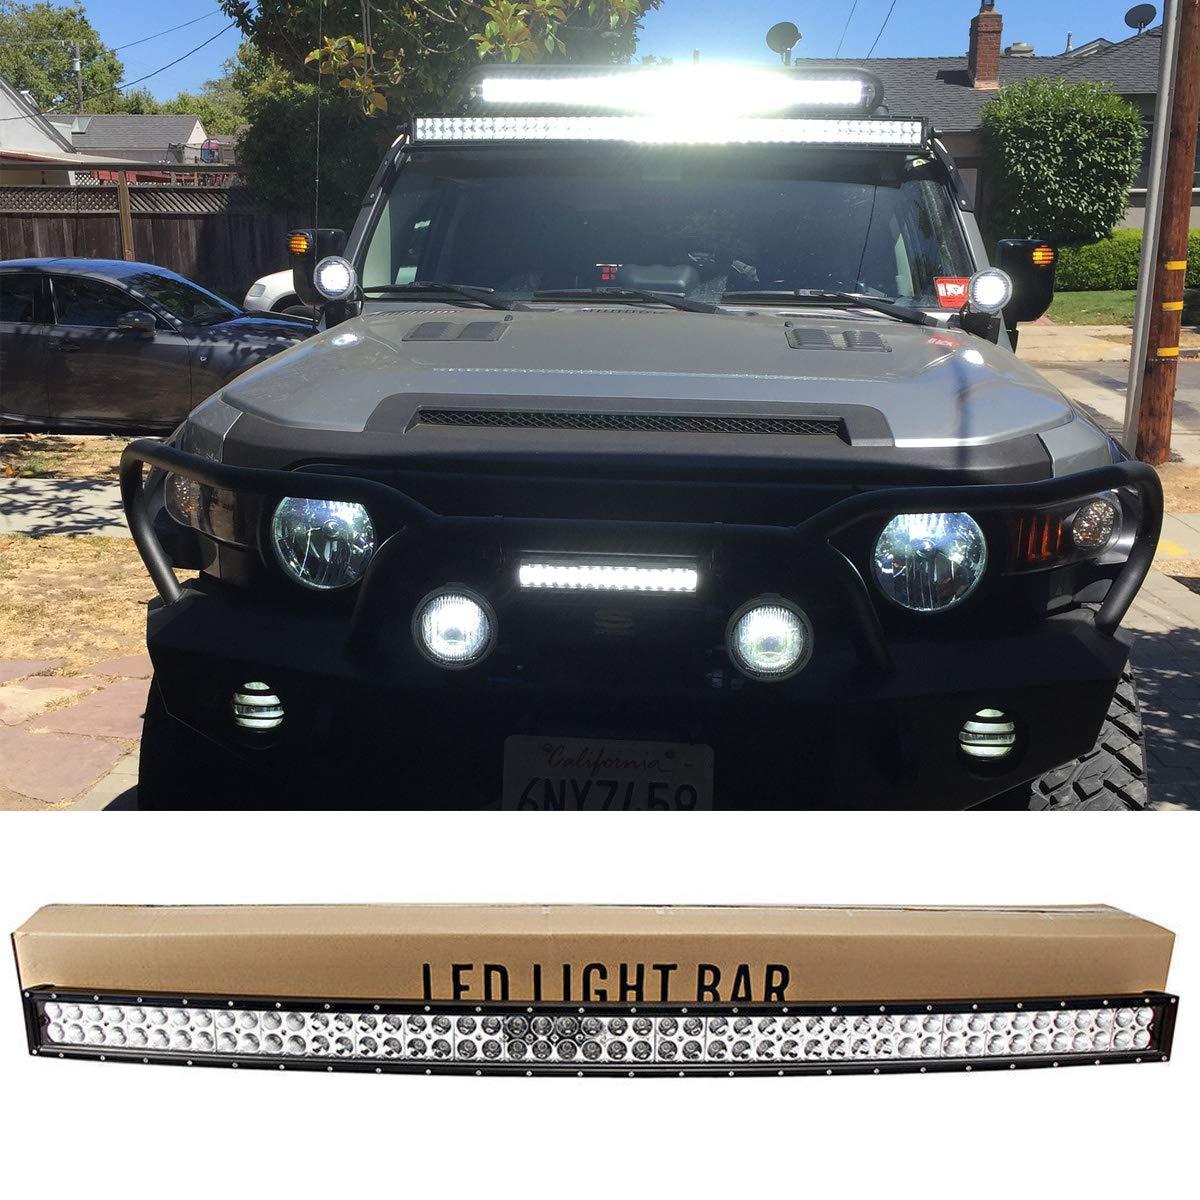 Willpower Barra de luz LED curvada de 50 pulgadas 288W spot flood combo Luz de trabajo con soporte de montaje para 4x4 Off Road Boat SUV UTE ATV Truck